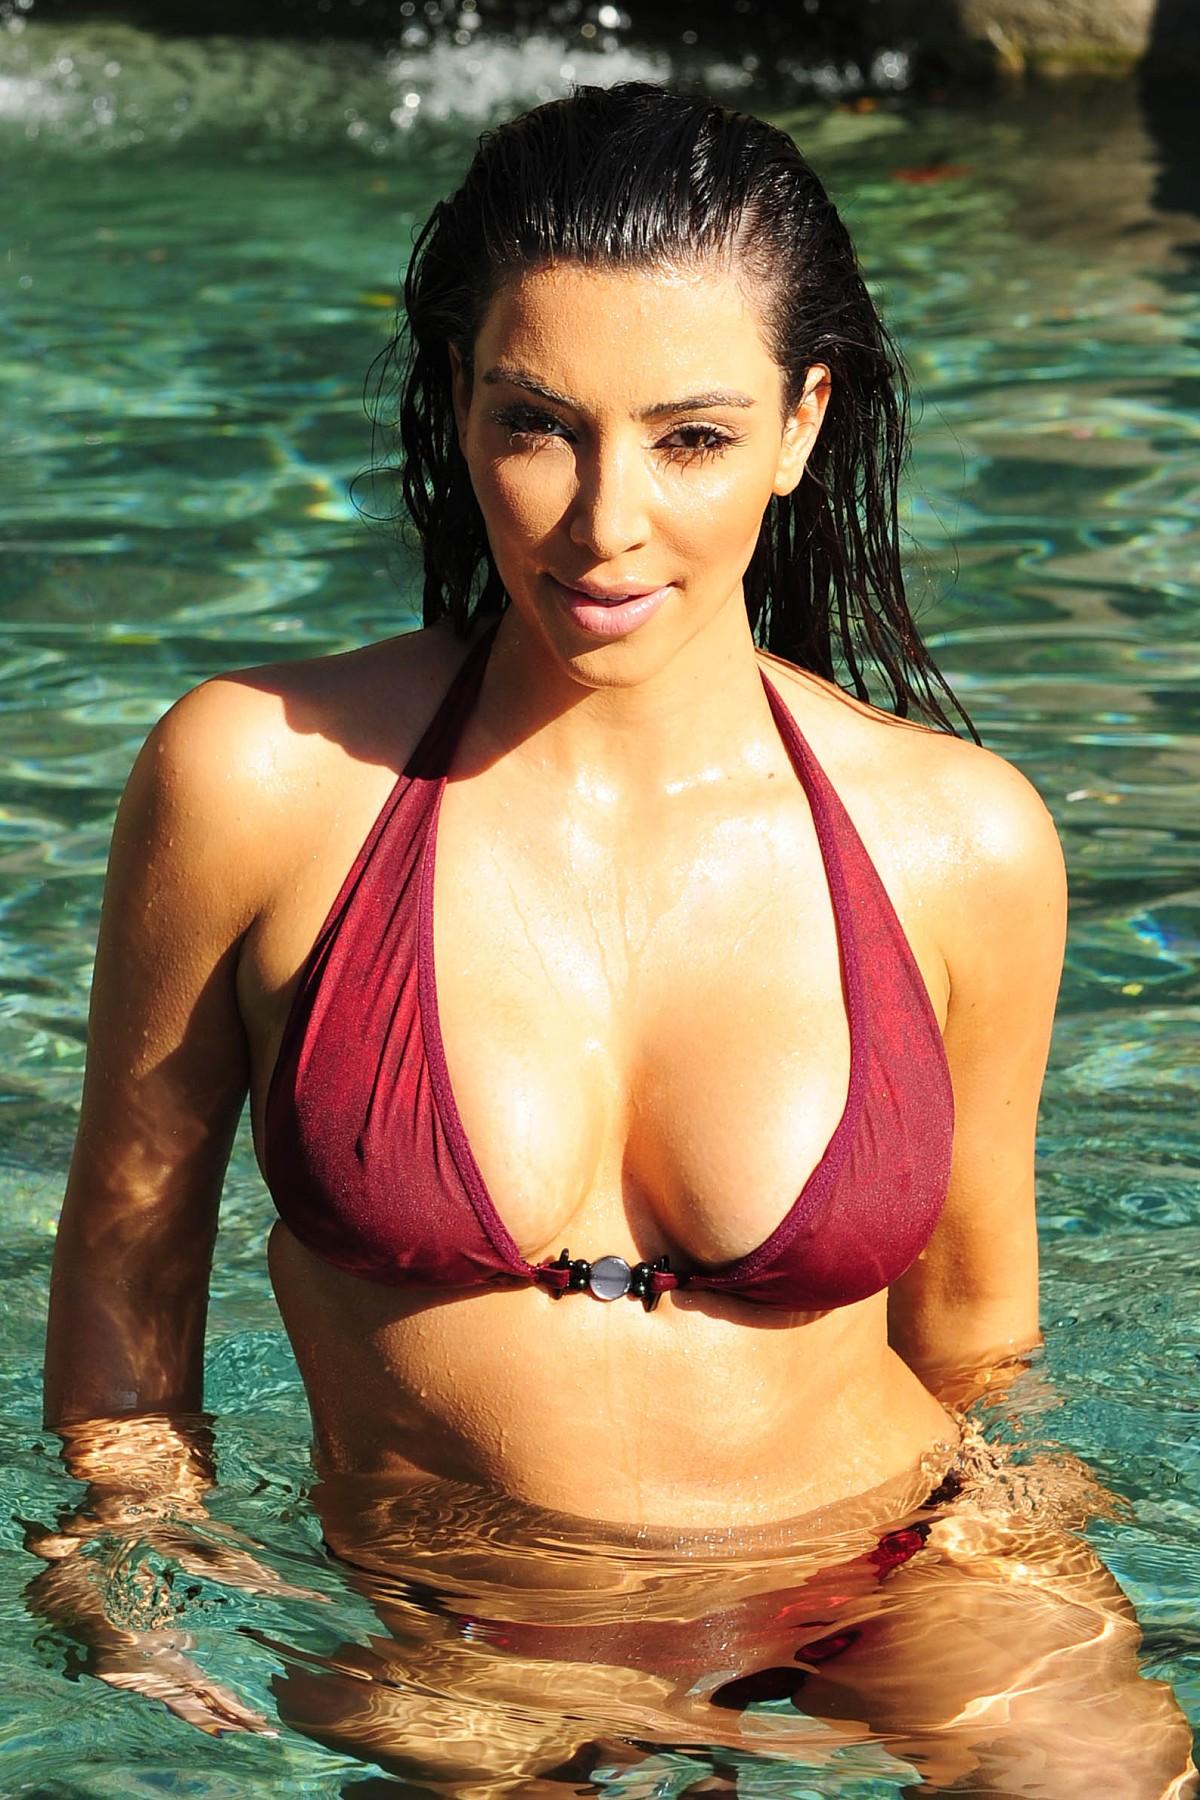 bikini kim Photo